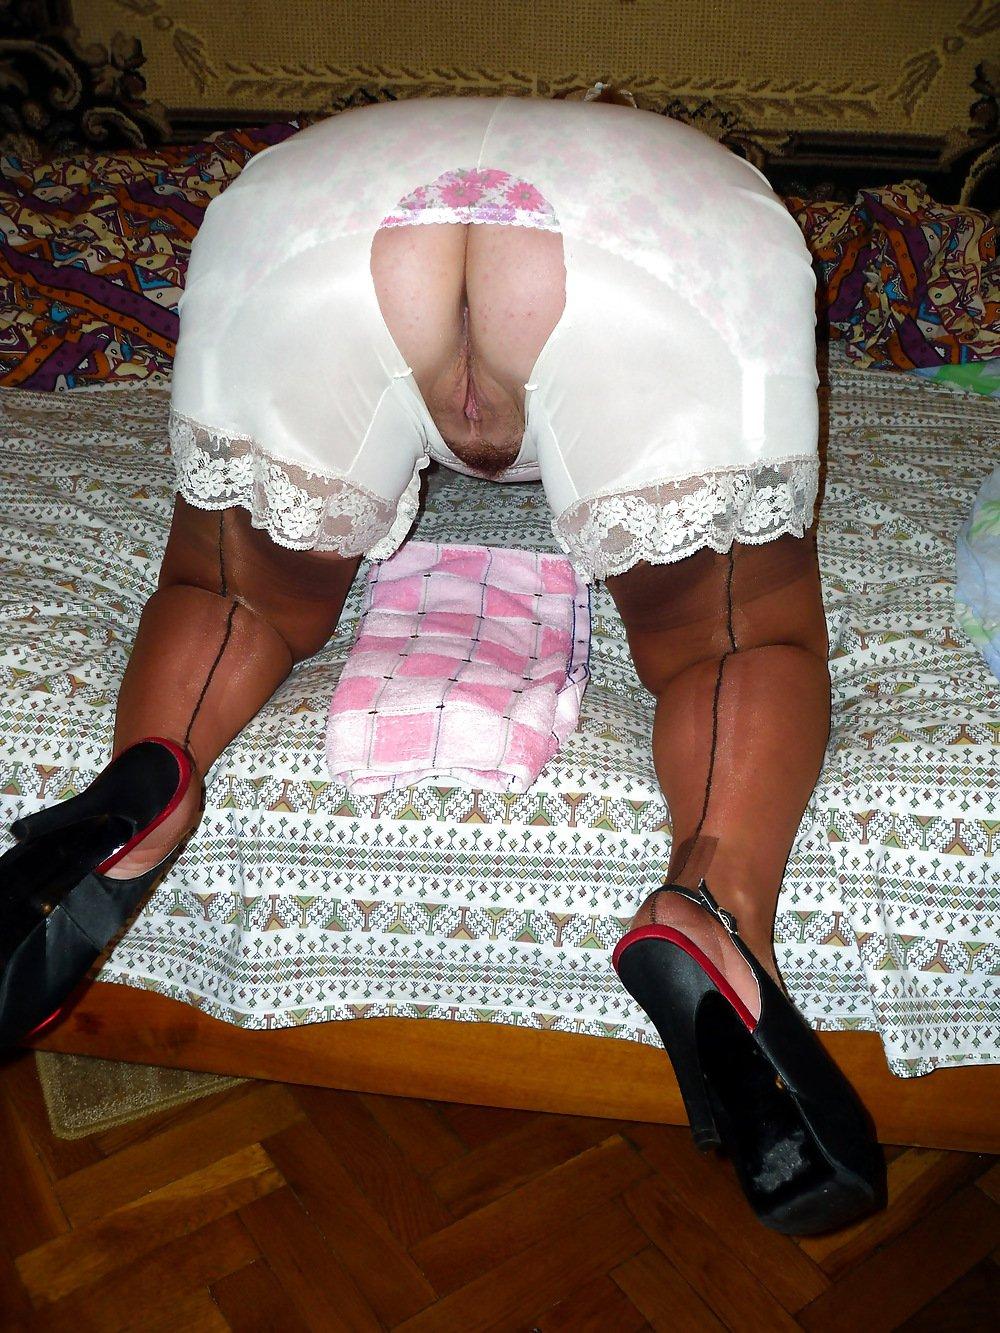 zhenshini-v-pantalonah-porno